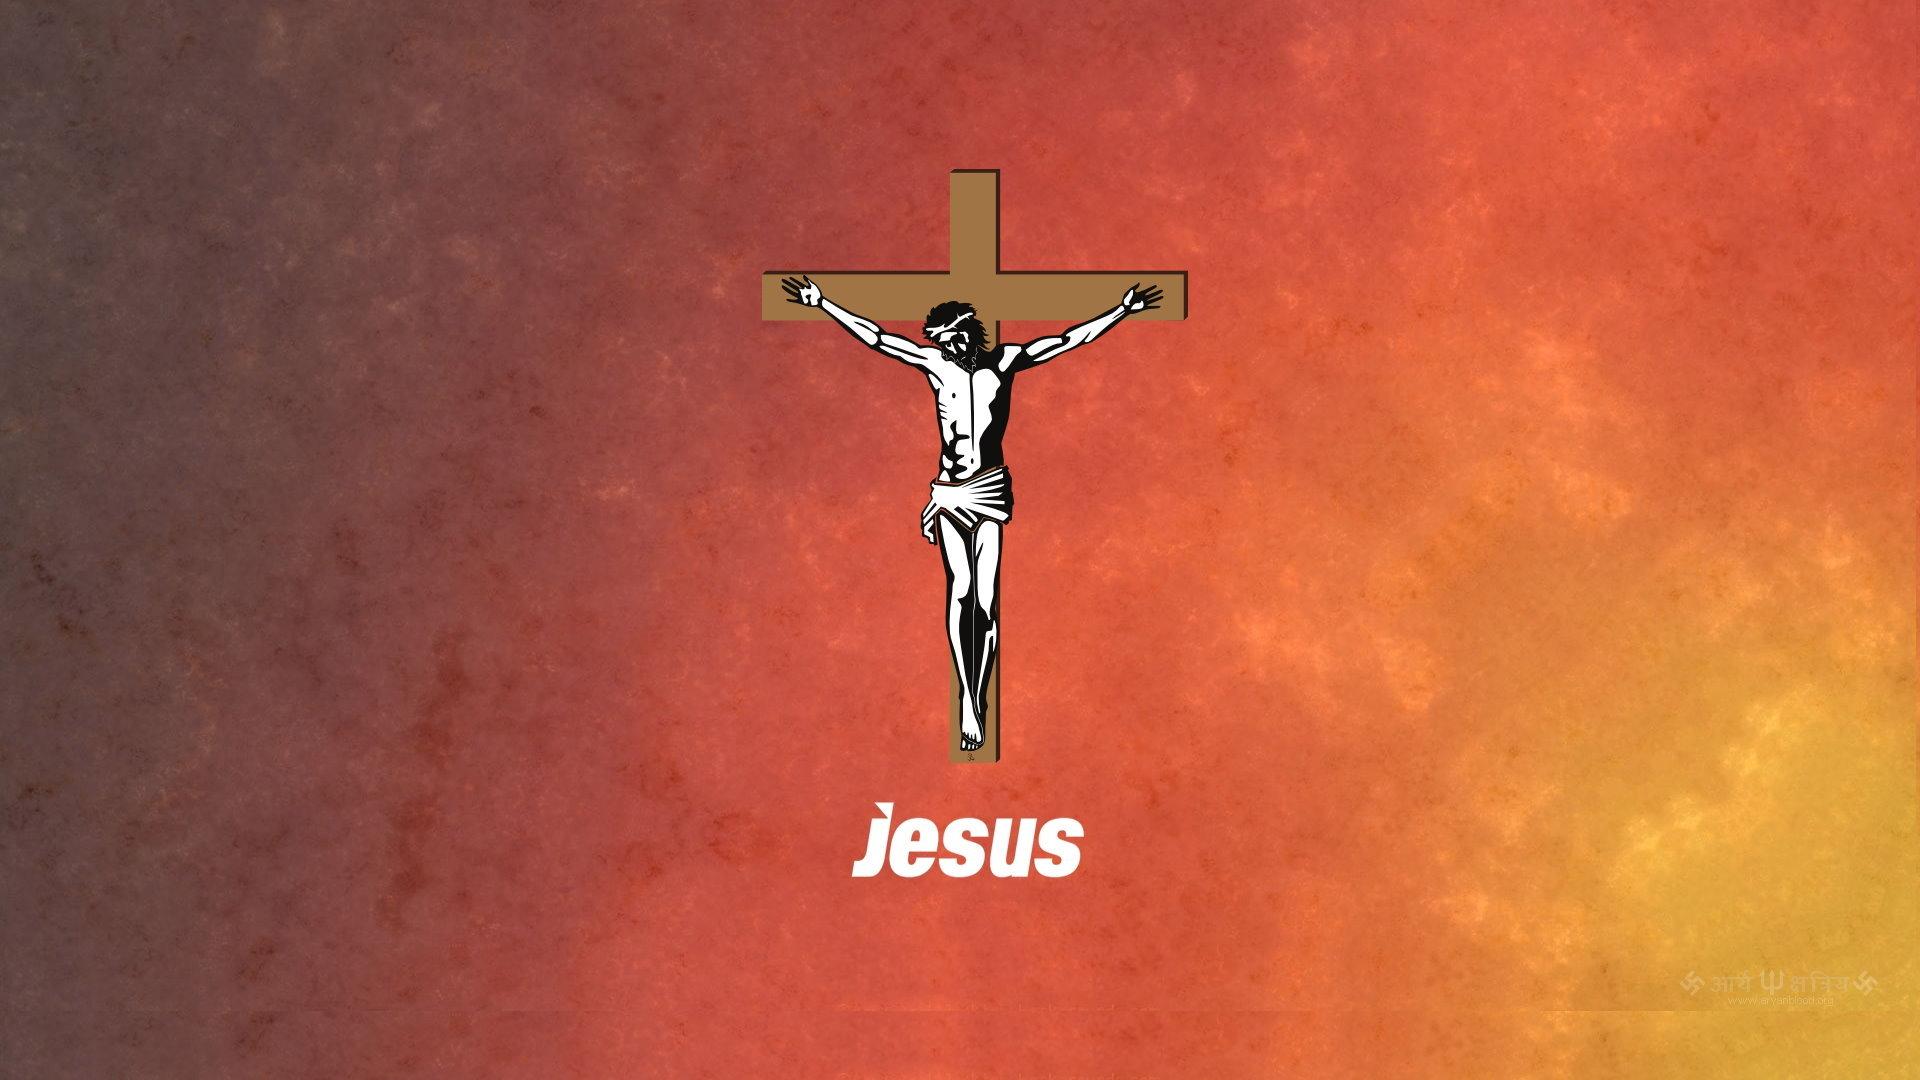 tweet 1920x1080 religion jesus christianity cross resolution 1920x1080 1920x1080